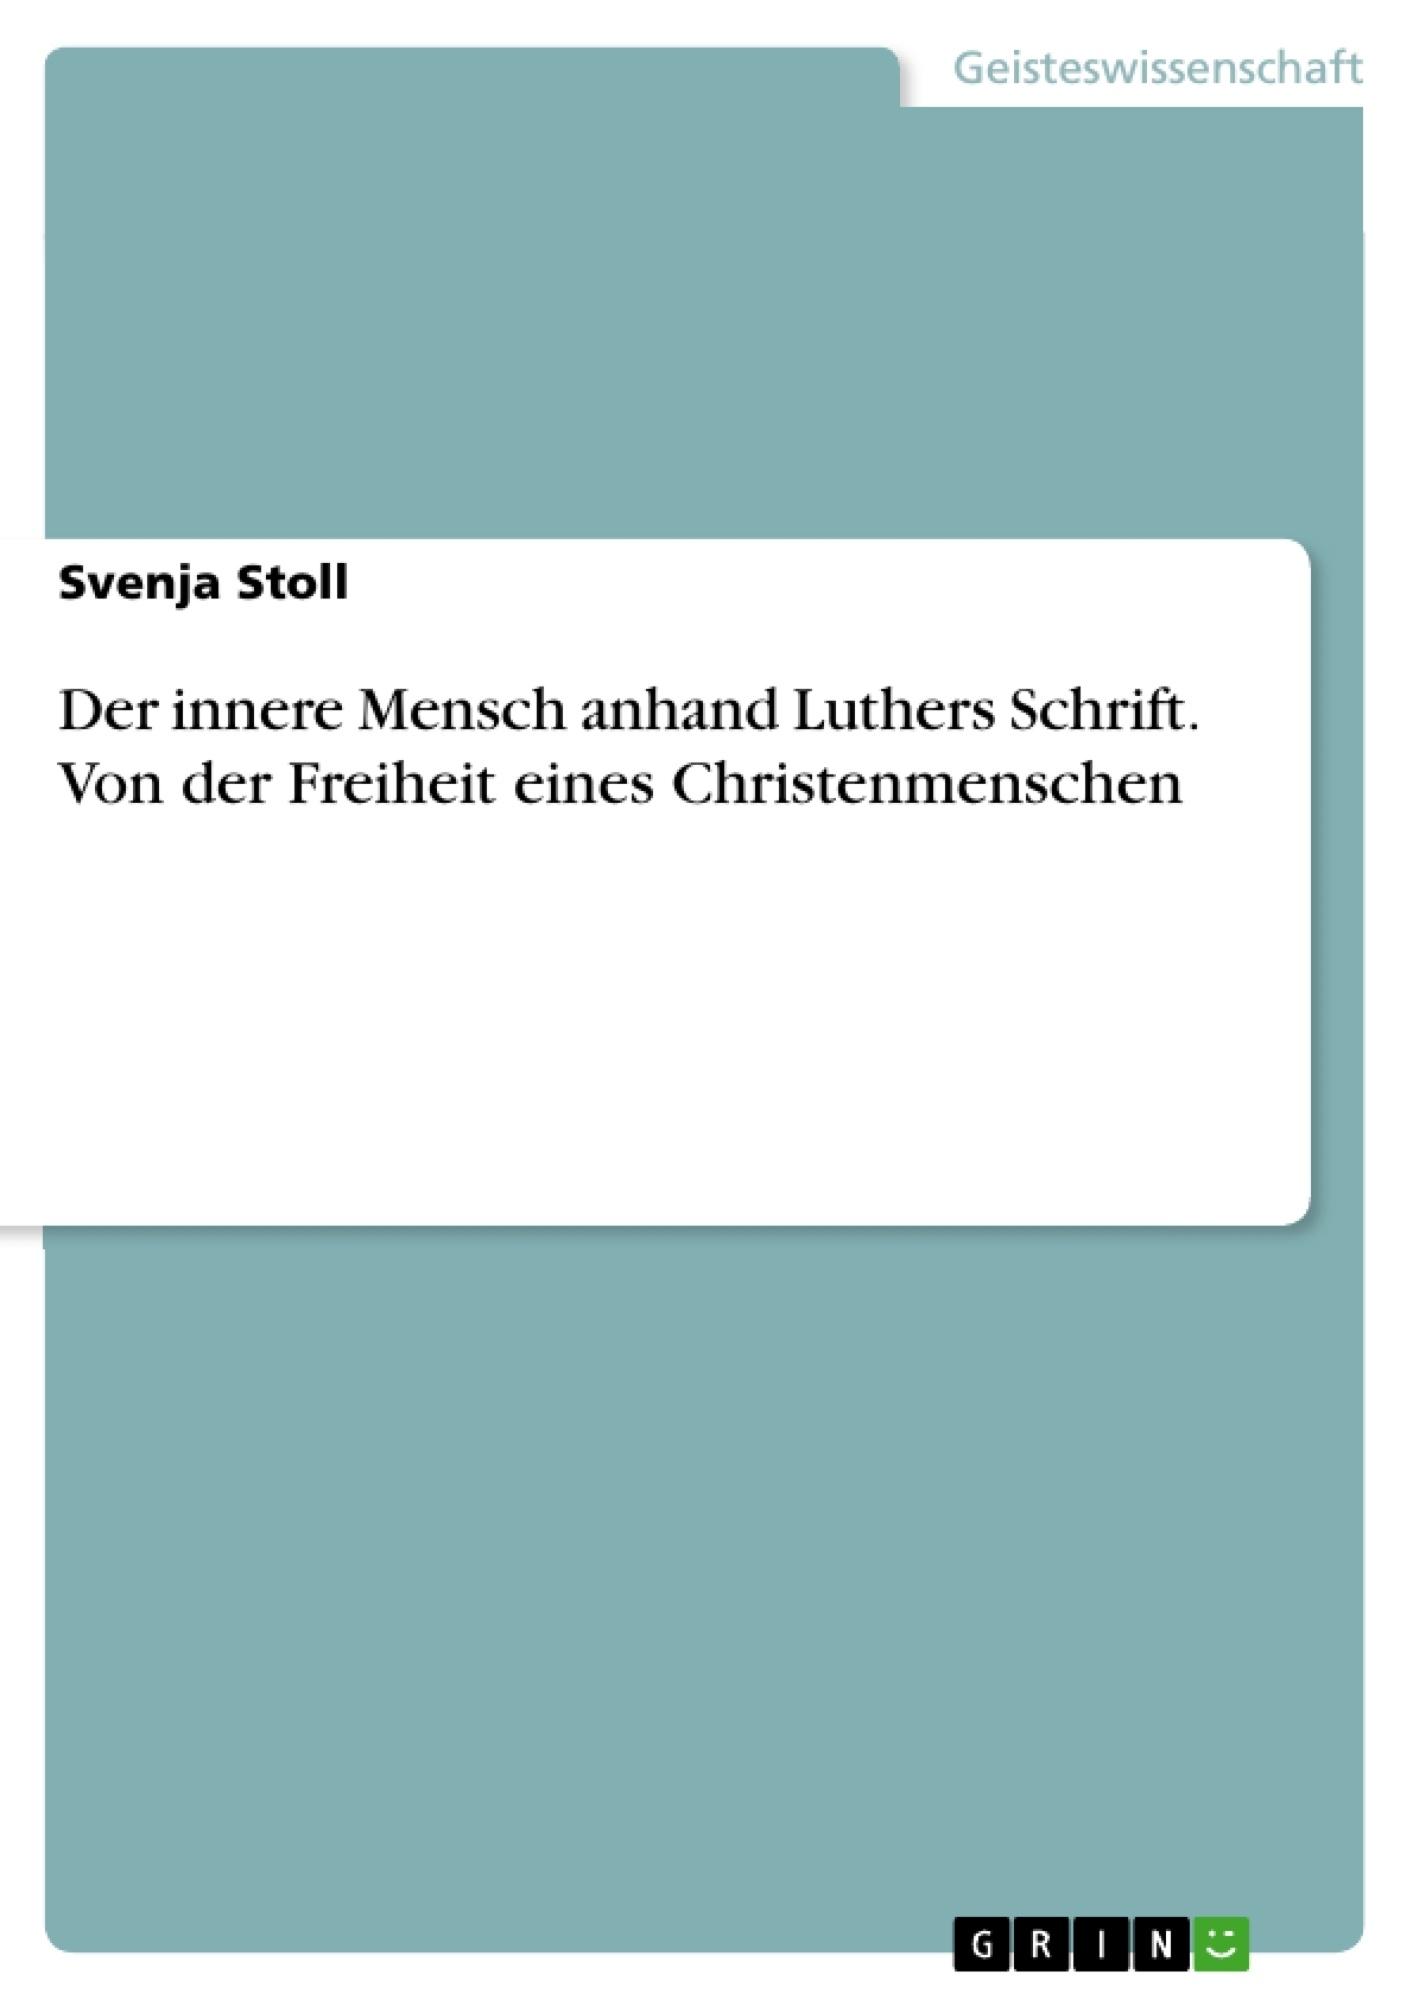 Titel: Der innere Mensch anhand Luthers Schrift. Von der Freiheit eines Christenmenschen